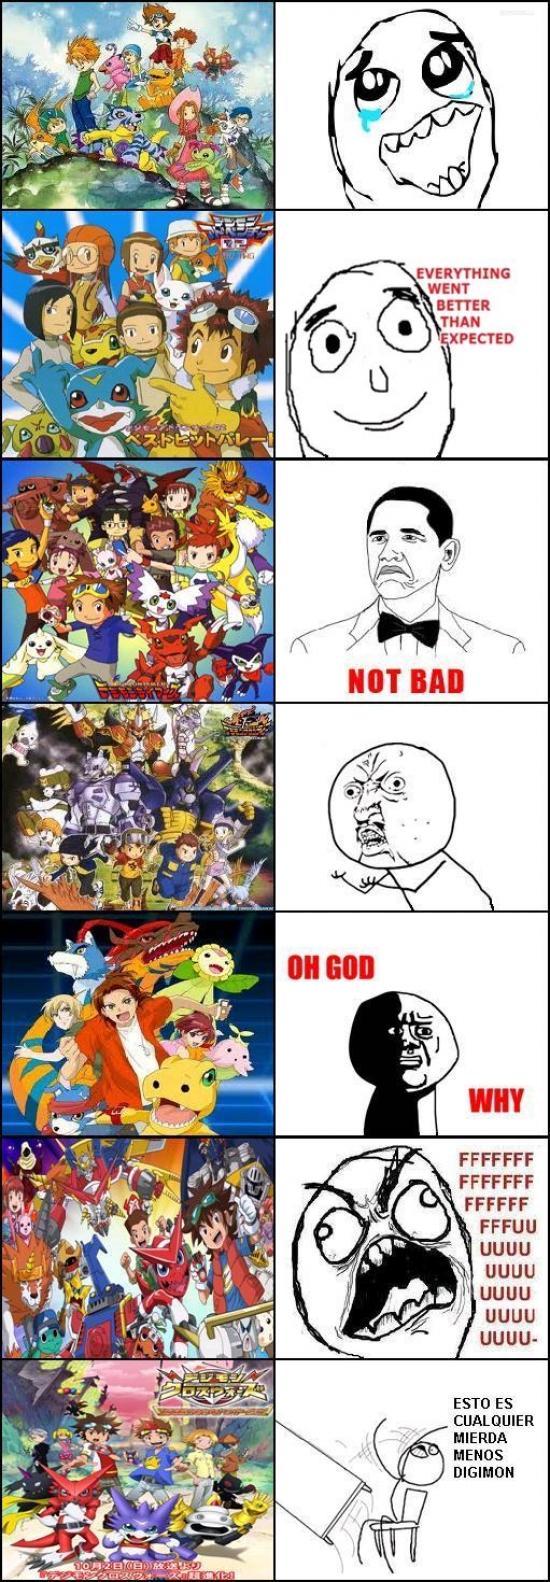 Oh_god_why - ¿Por qué se empeñan en destrozar las series de mi infancia?